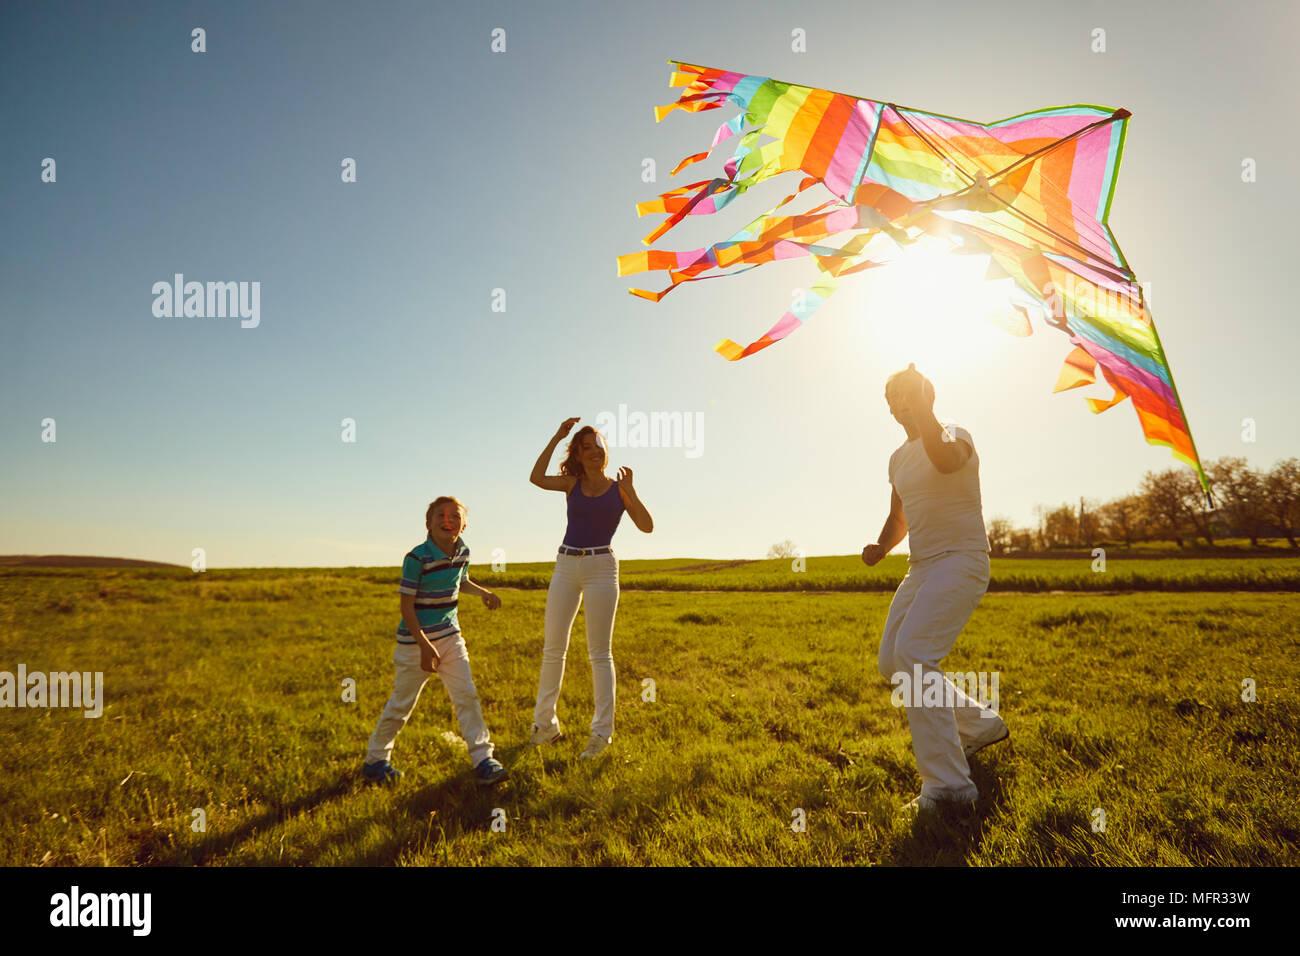 Familia feliz jugando con una cometa en la naturaleza en primavera, verano. Imagen De Stock